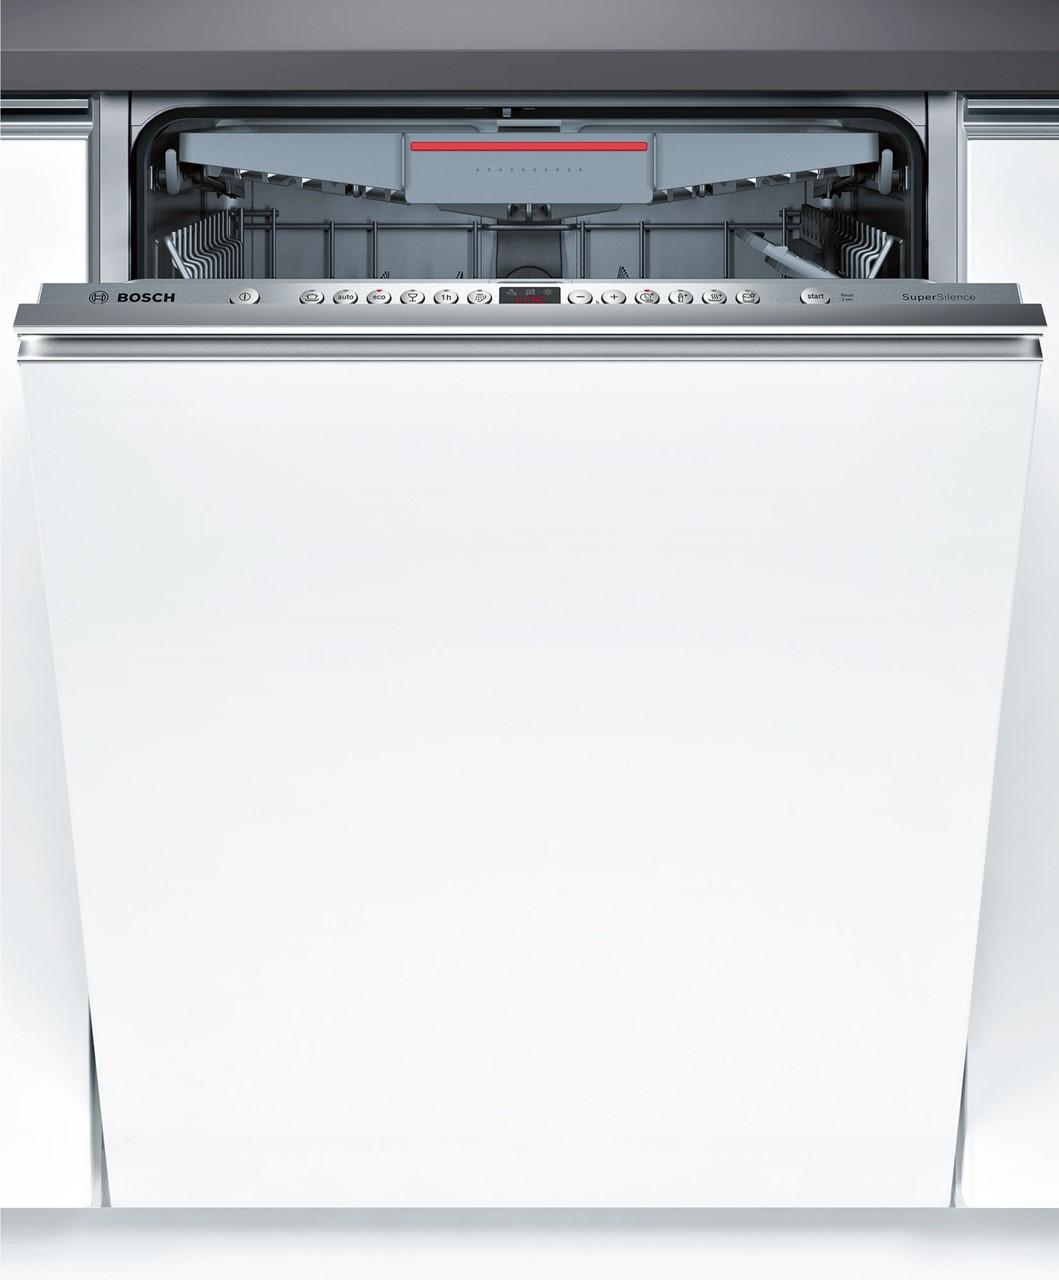 Bosch Vollintegrierter Geschirrspuler 60cm Sbe46mx03e Silver Tech